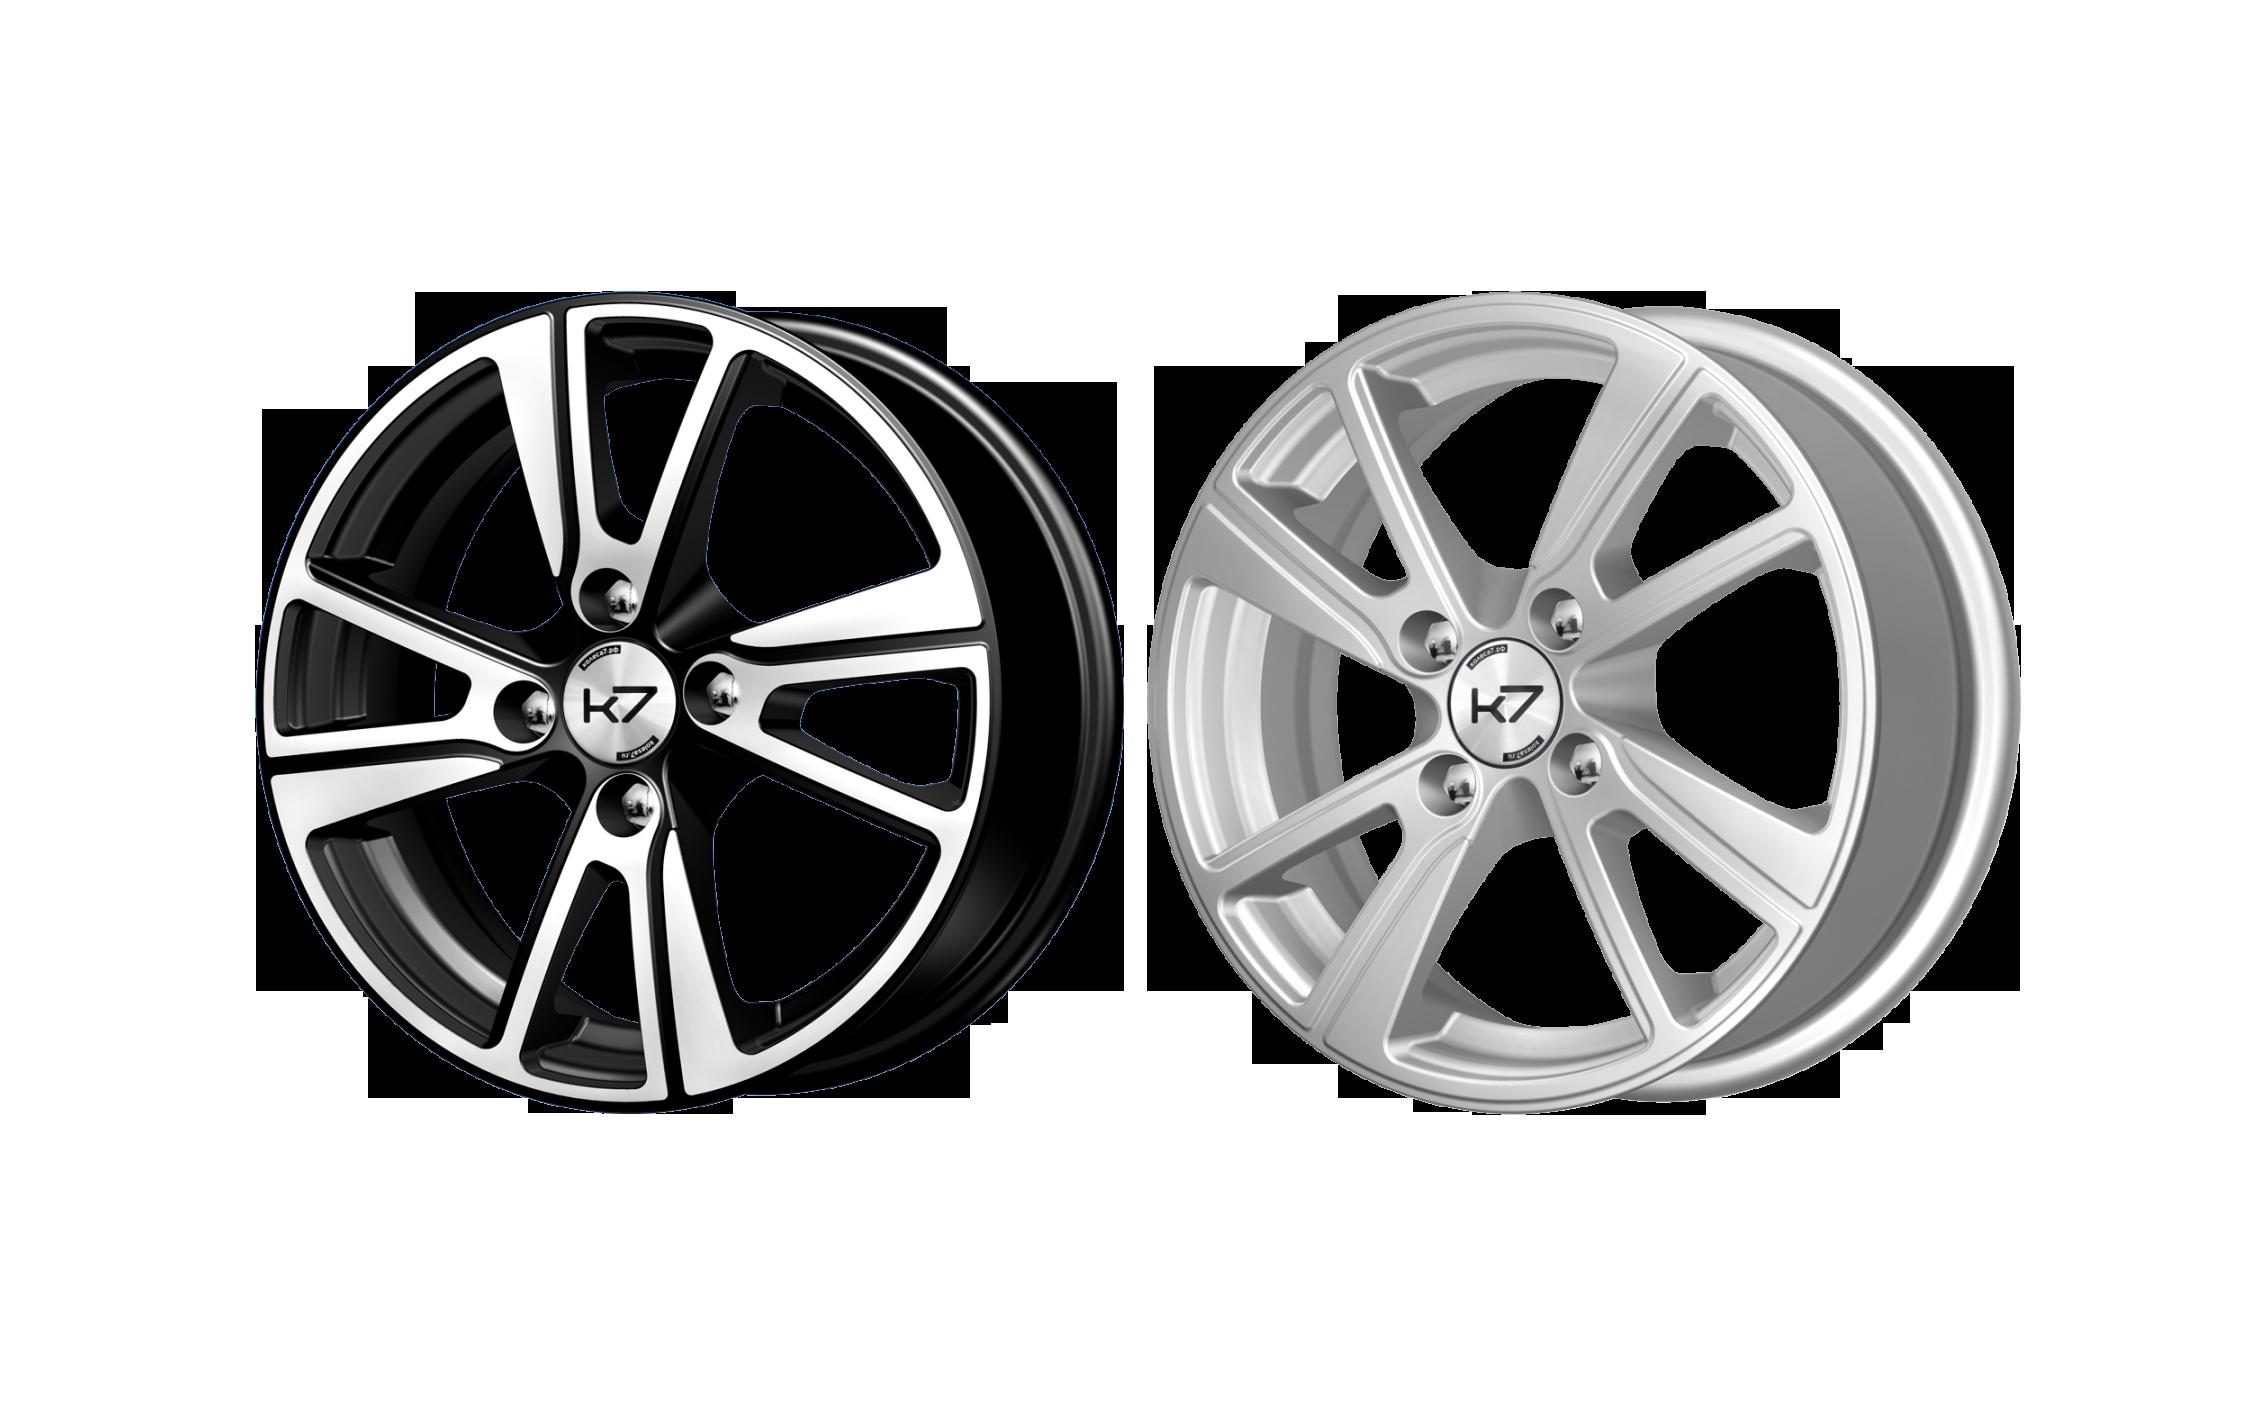 Литые диски КиК, R14 K-27 Галеон